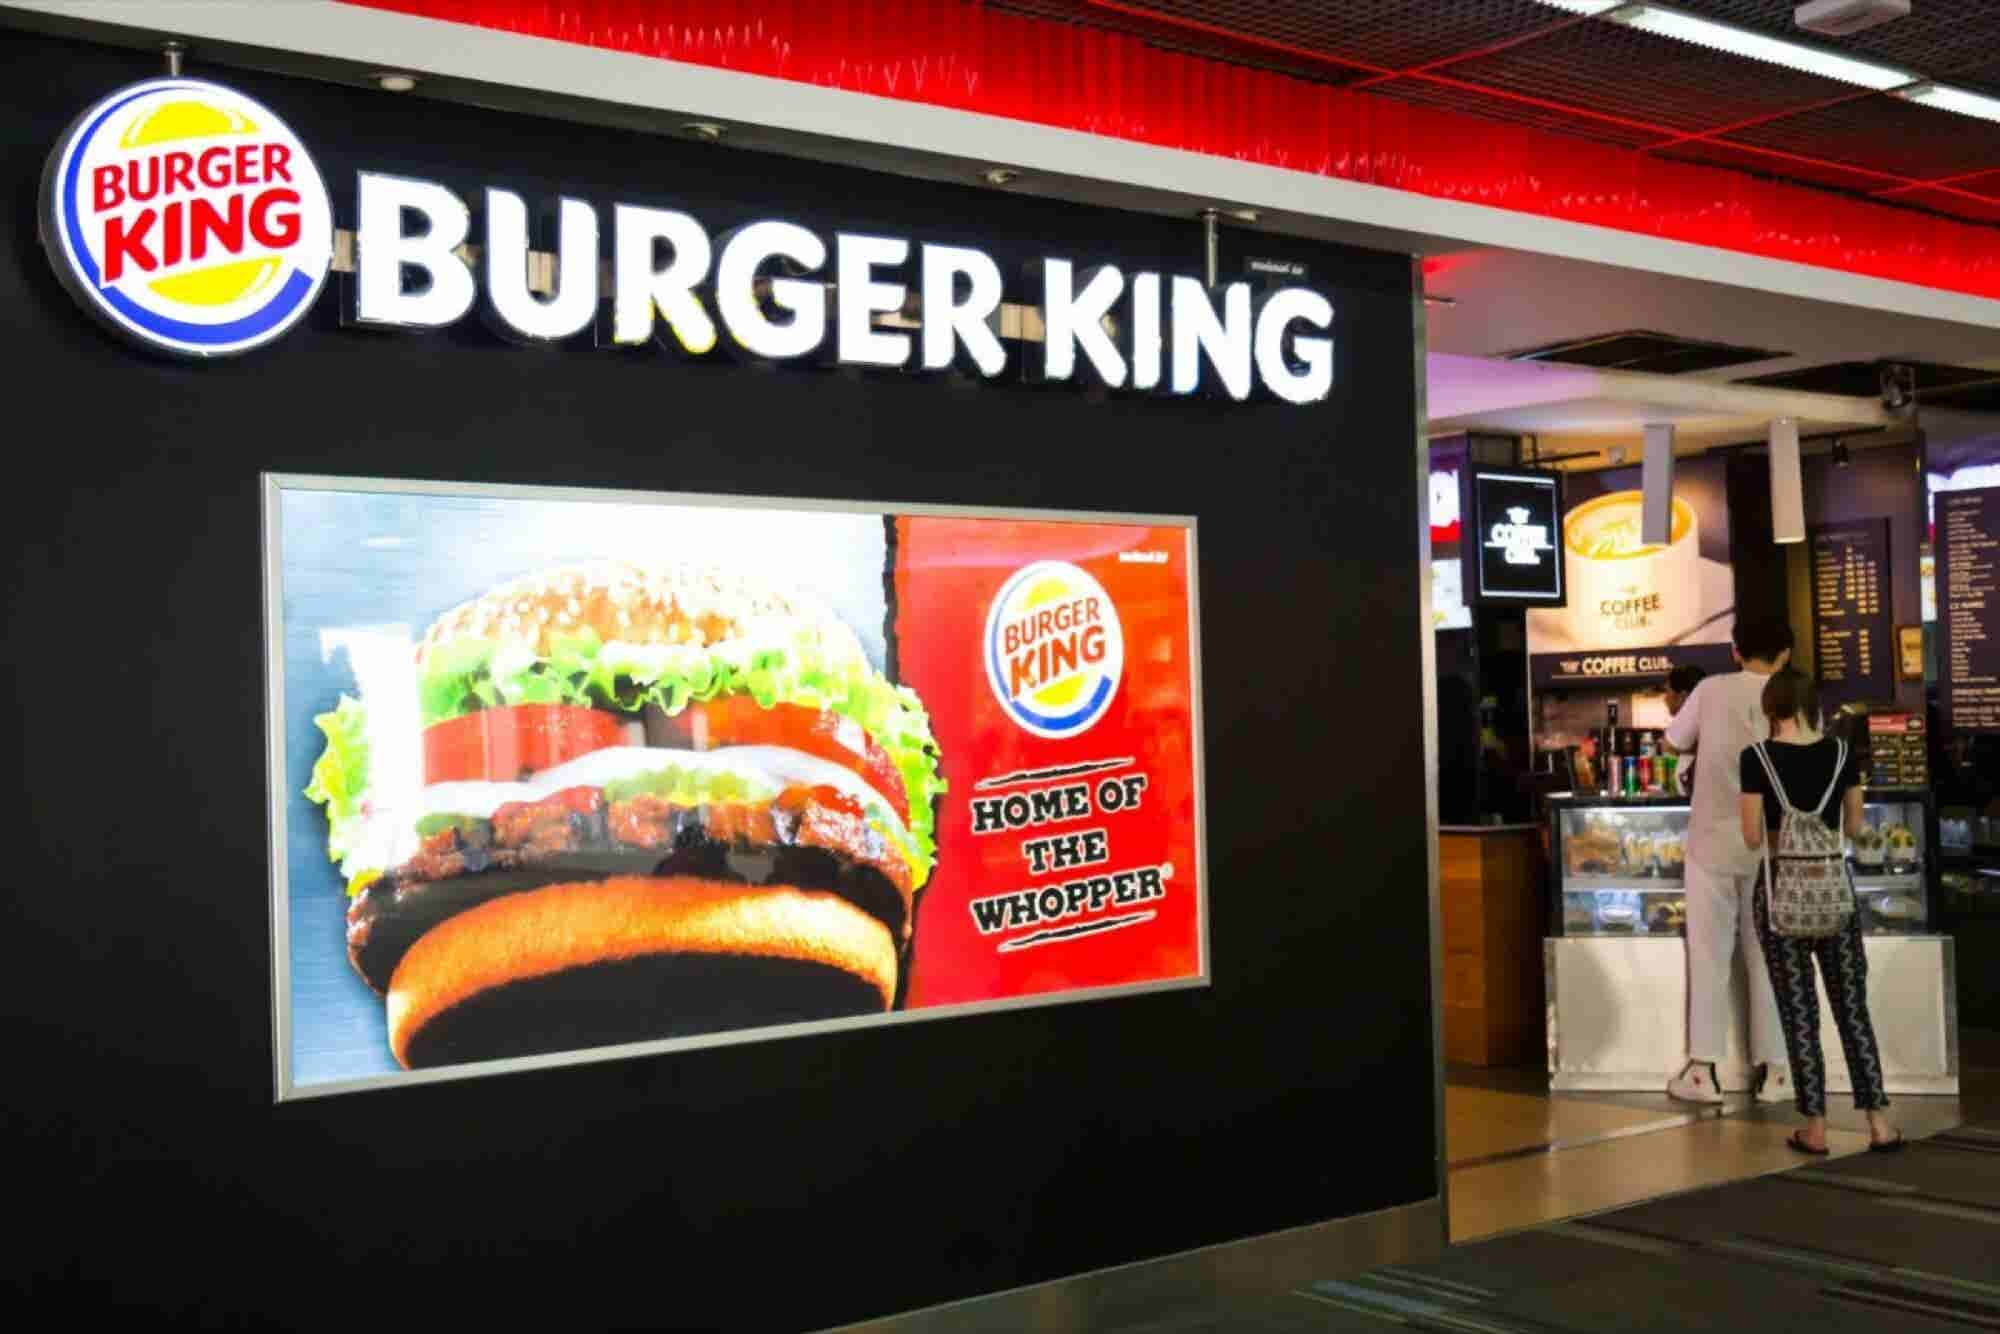 La campaña de Burger King que hizo enojar a un rey de verdad